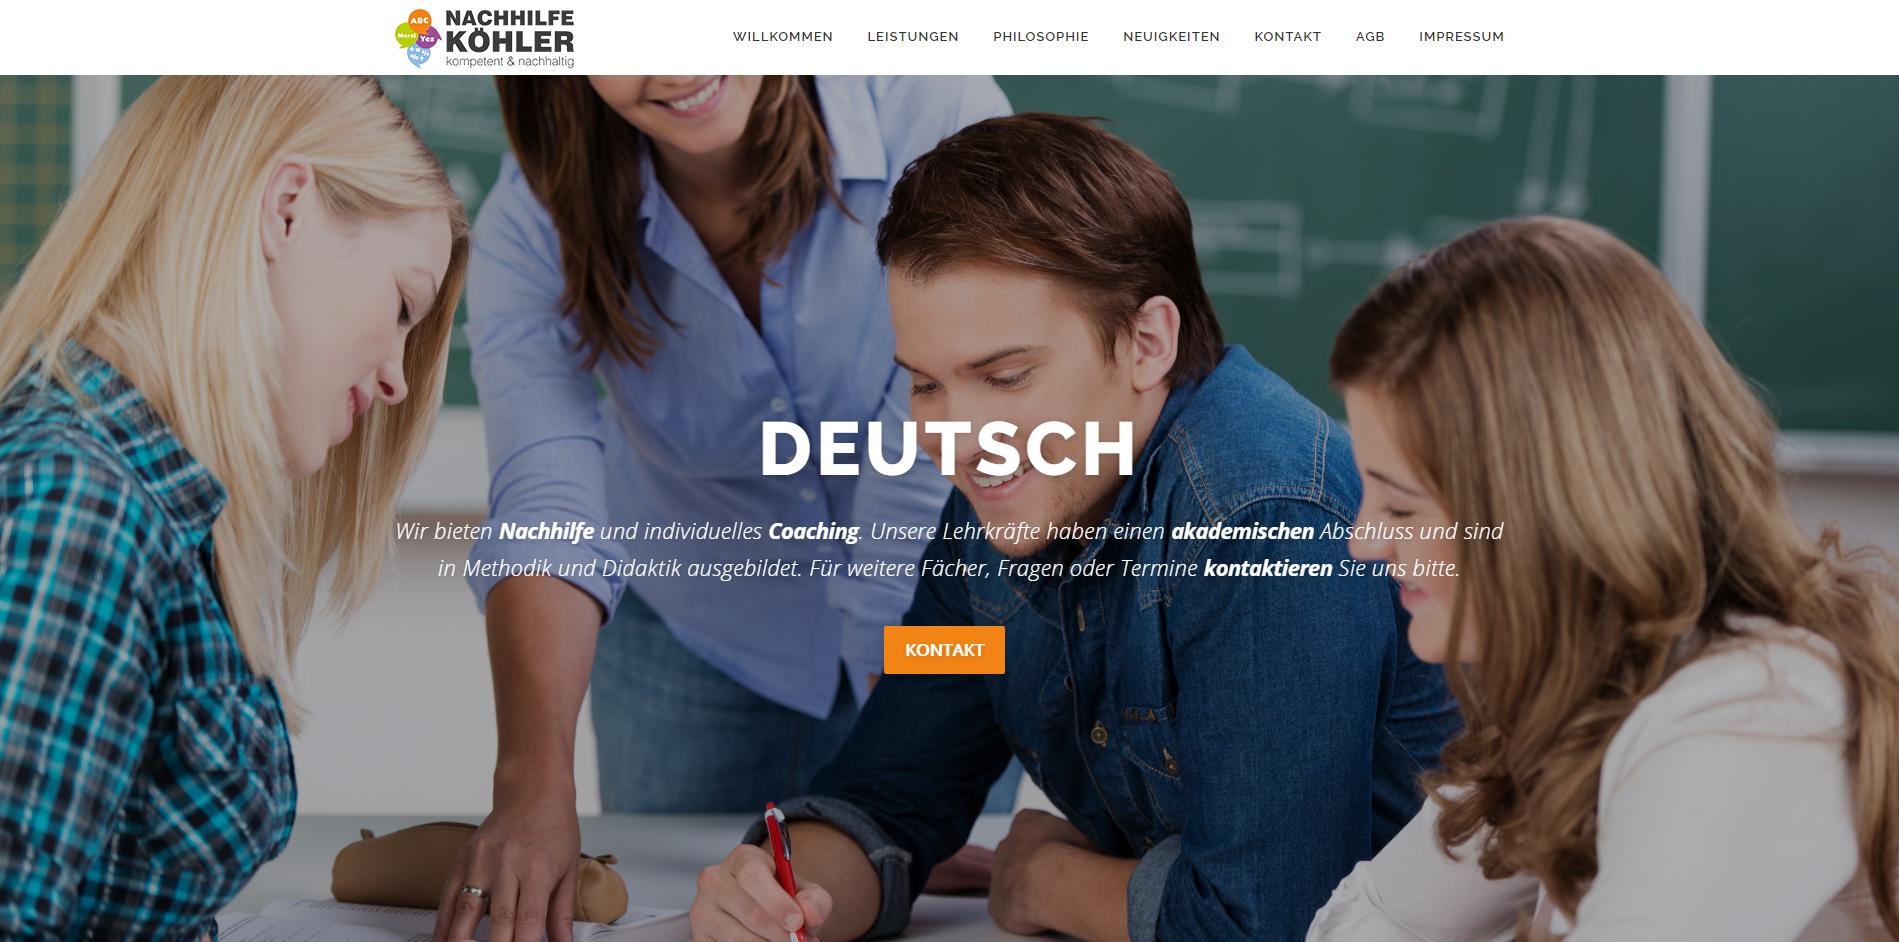 Nachhilfe Köhler Wangen (Relaunch)